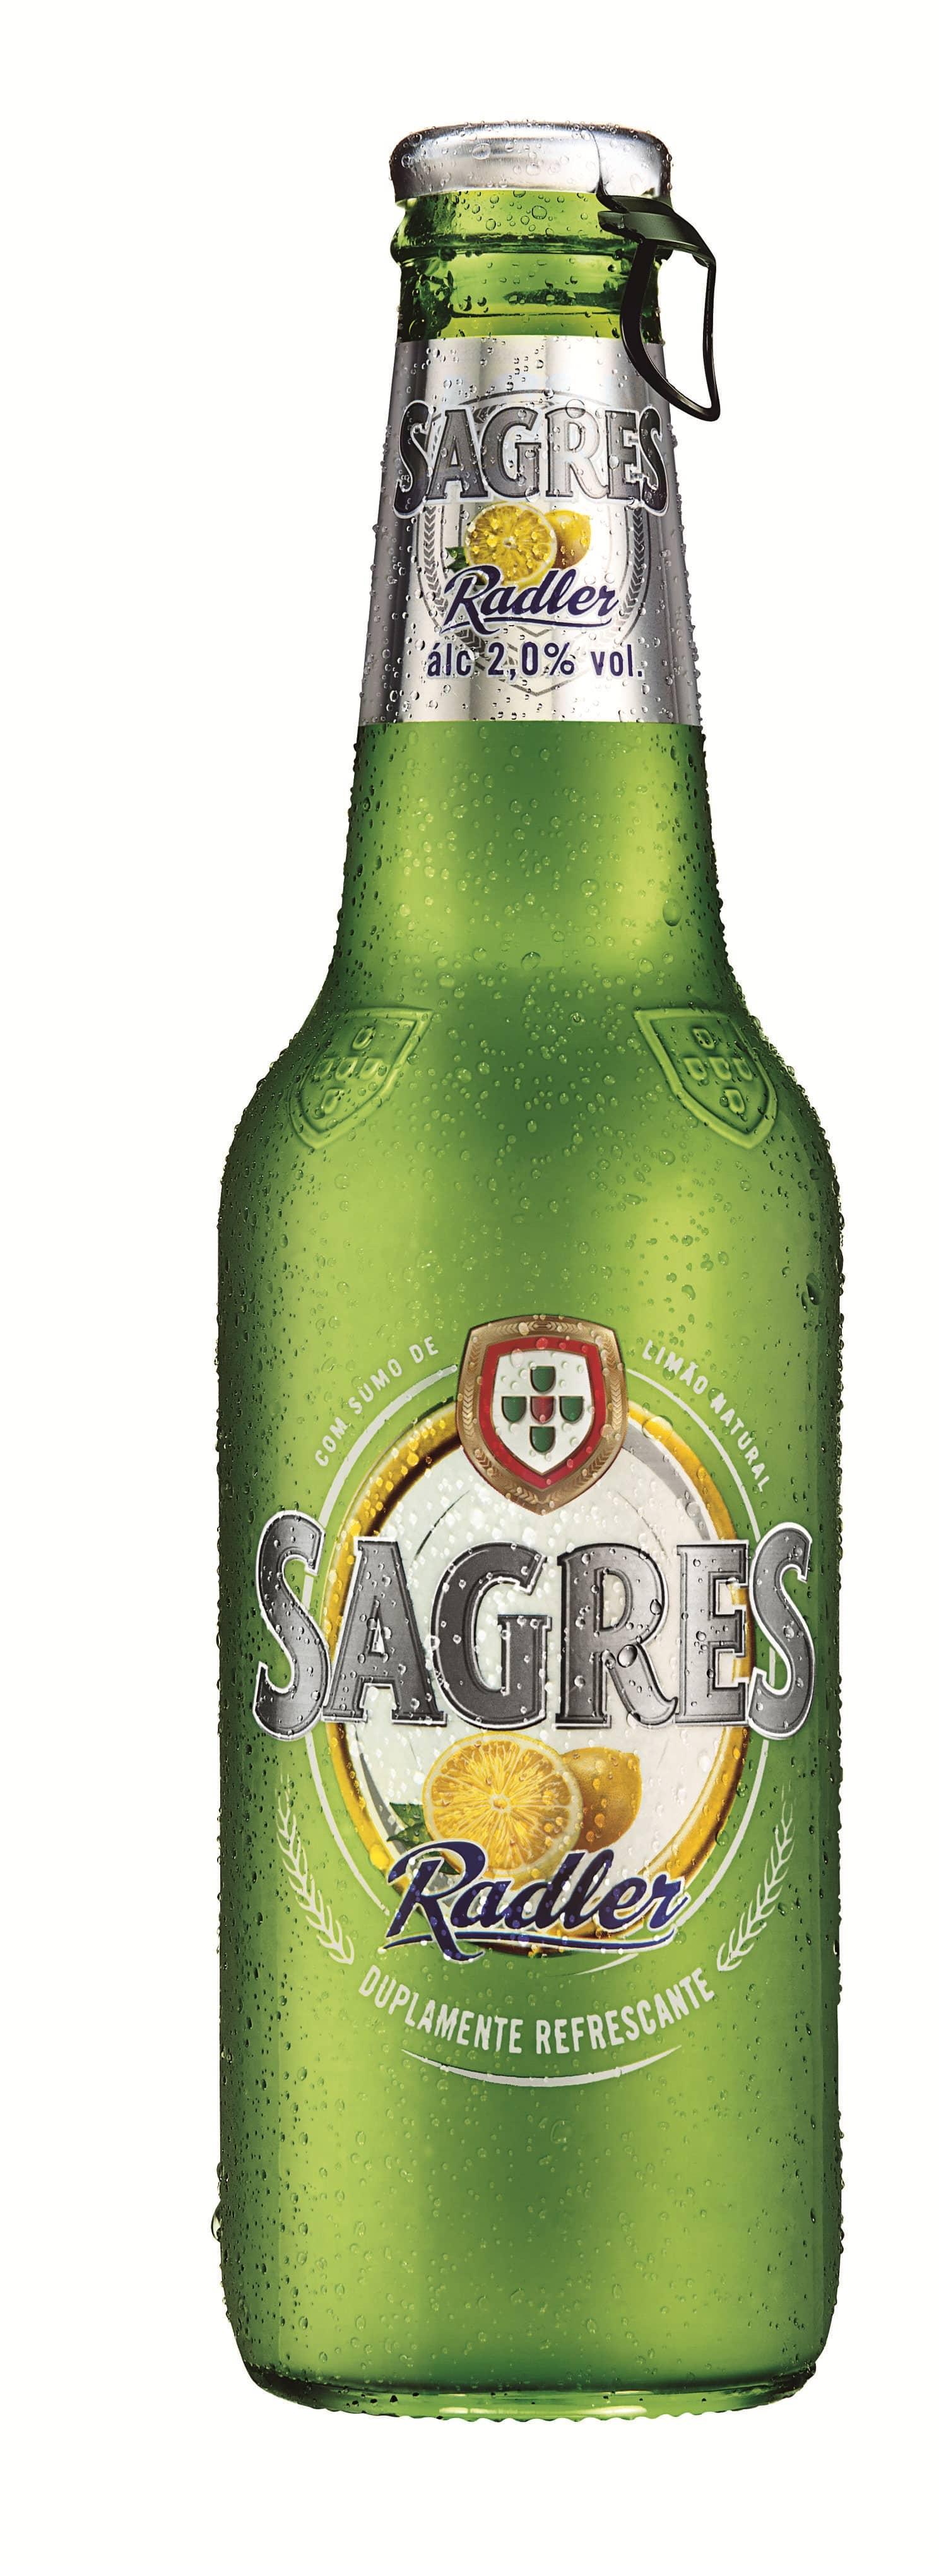 Sagres-Radler_Portugal